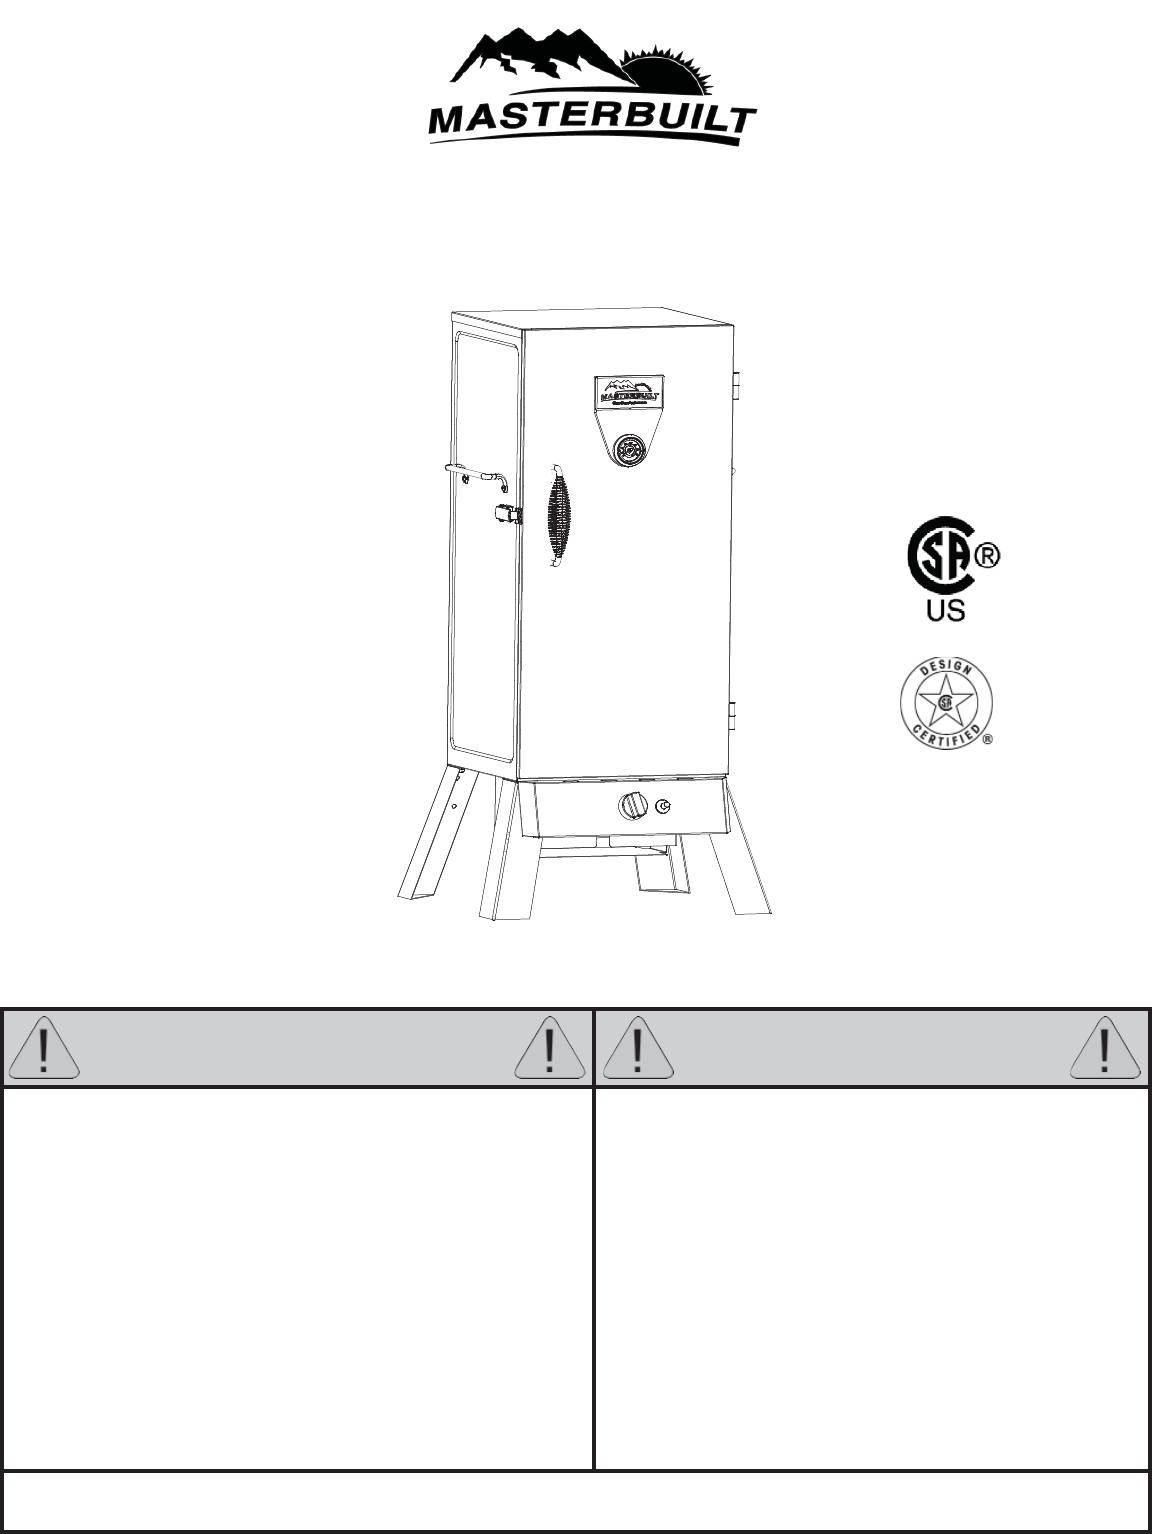 masterbuilt electric smoker manual pdf